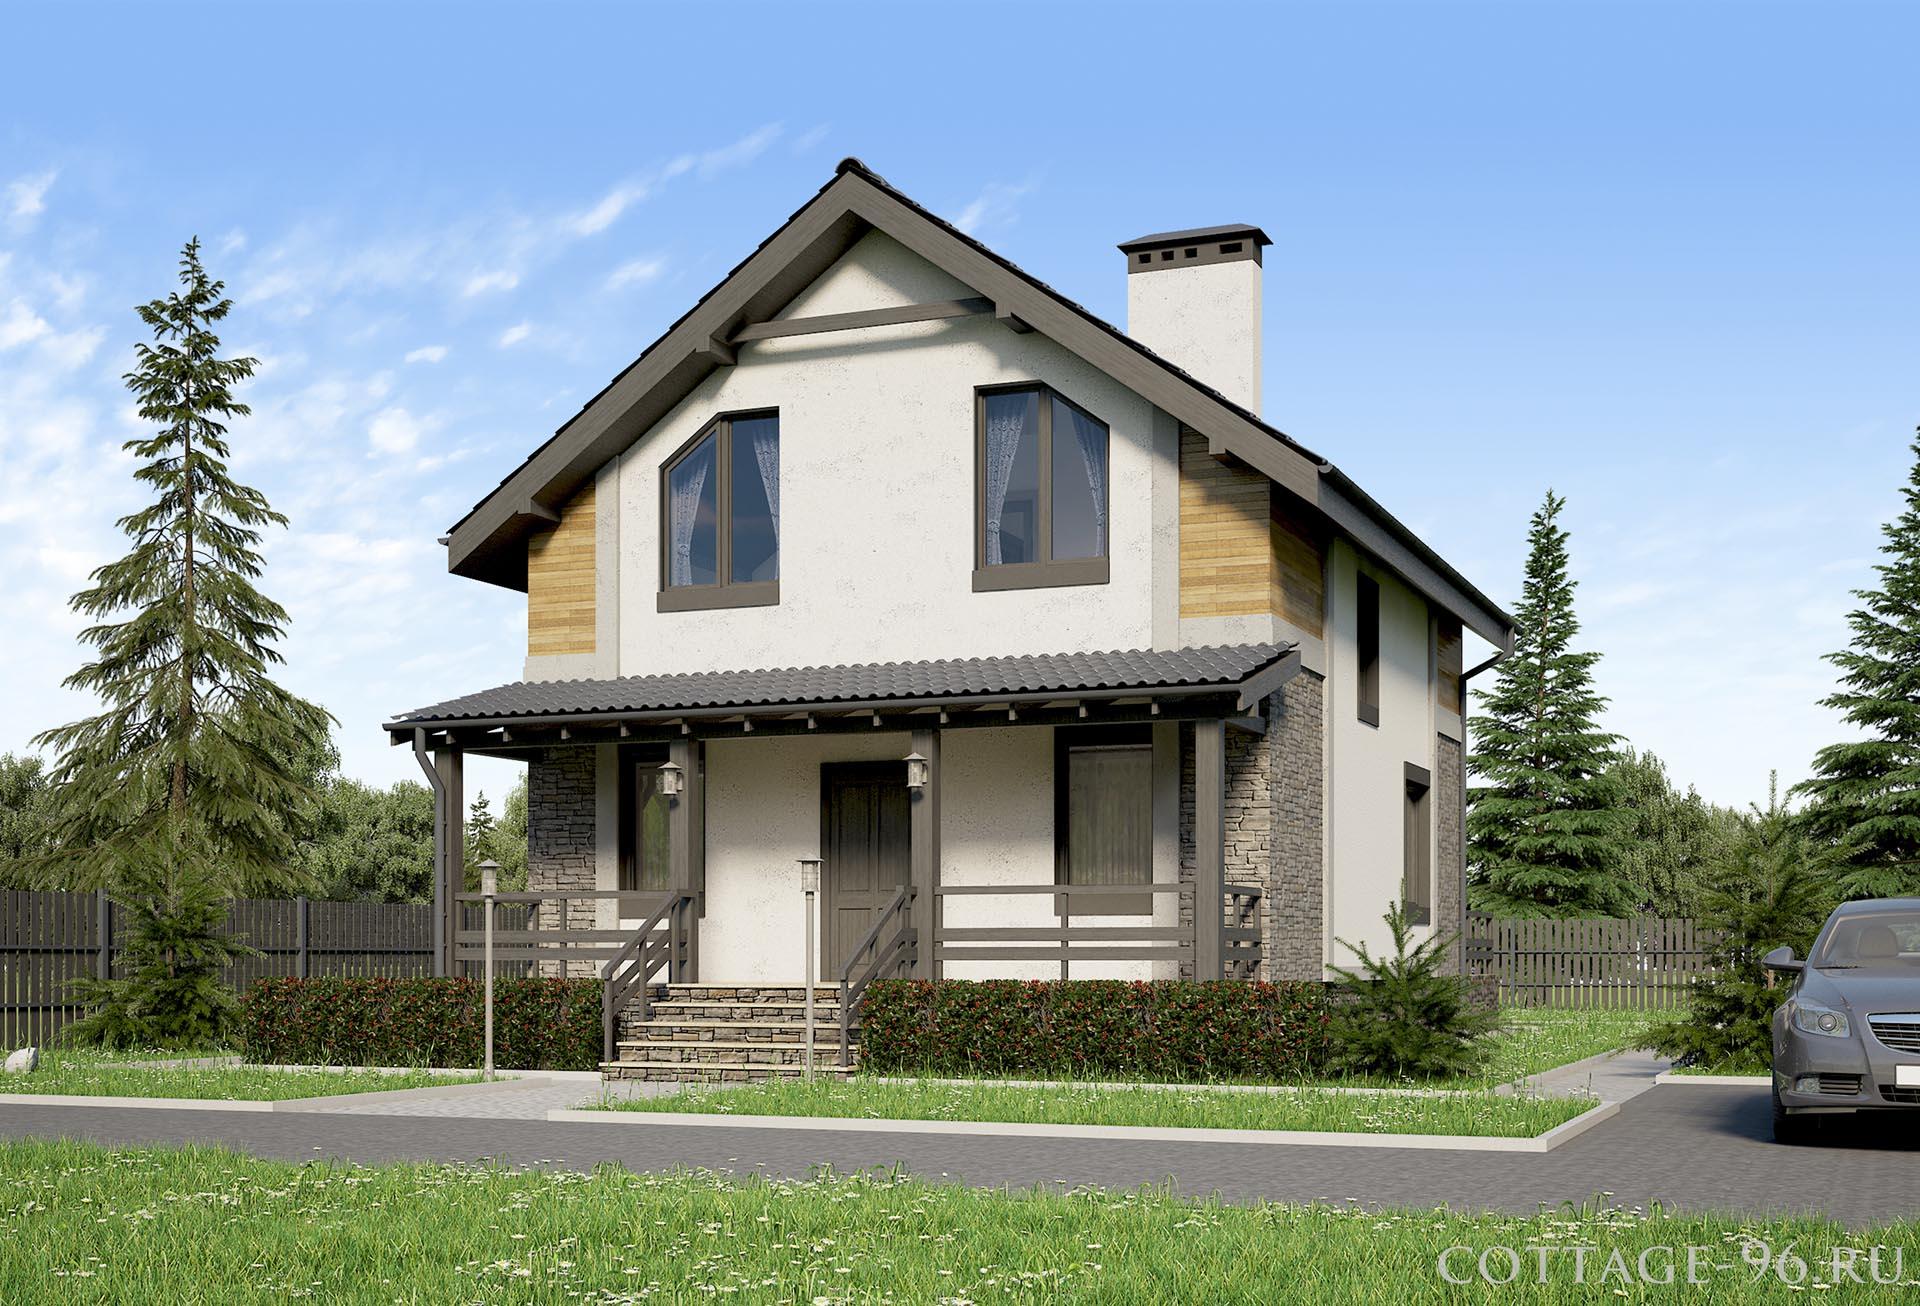 Проект двухэтажного дома с гаражом фото 175